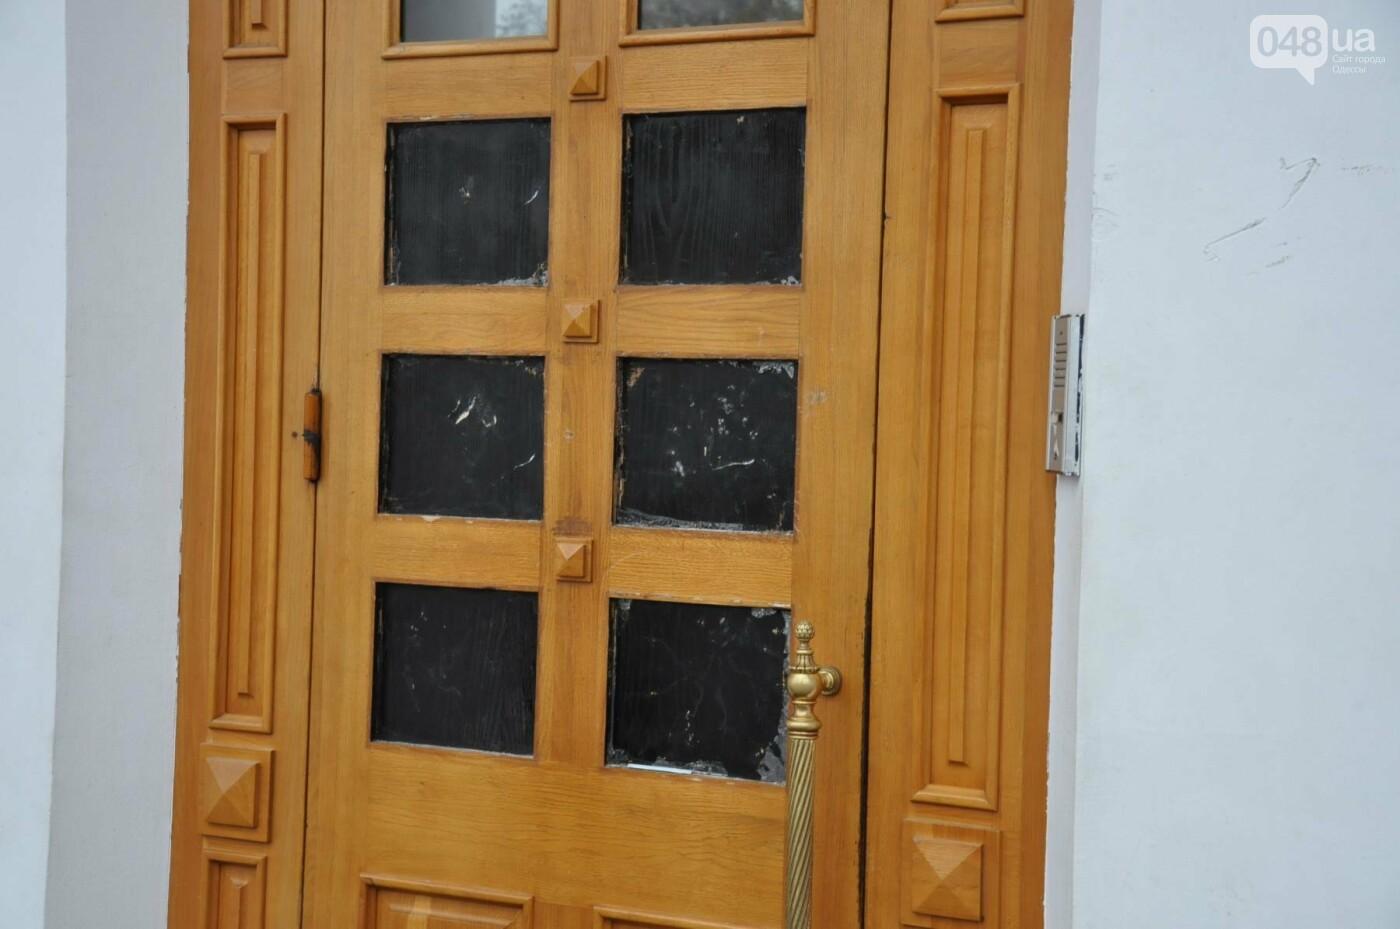 Ворота Летнего театра убрали из-под одесской мэрии (ФОТО), фото-2